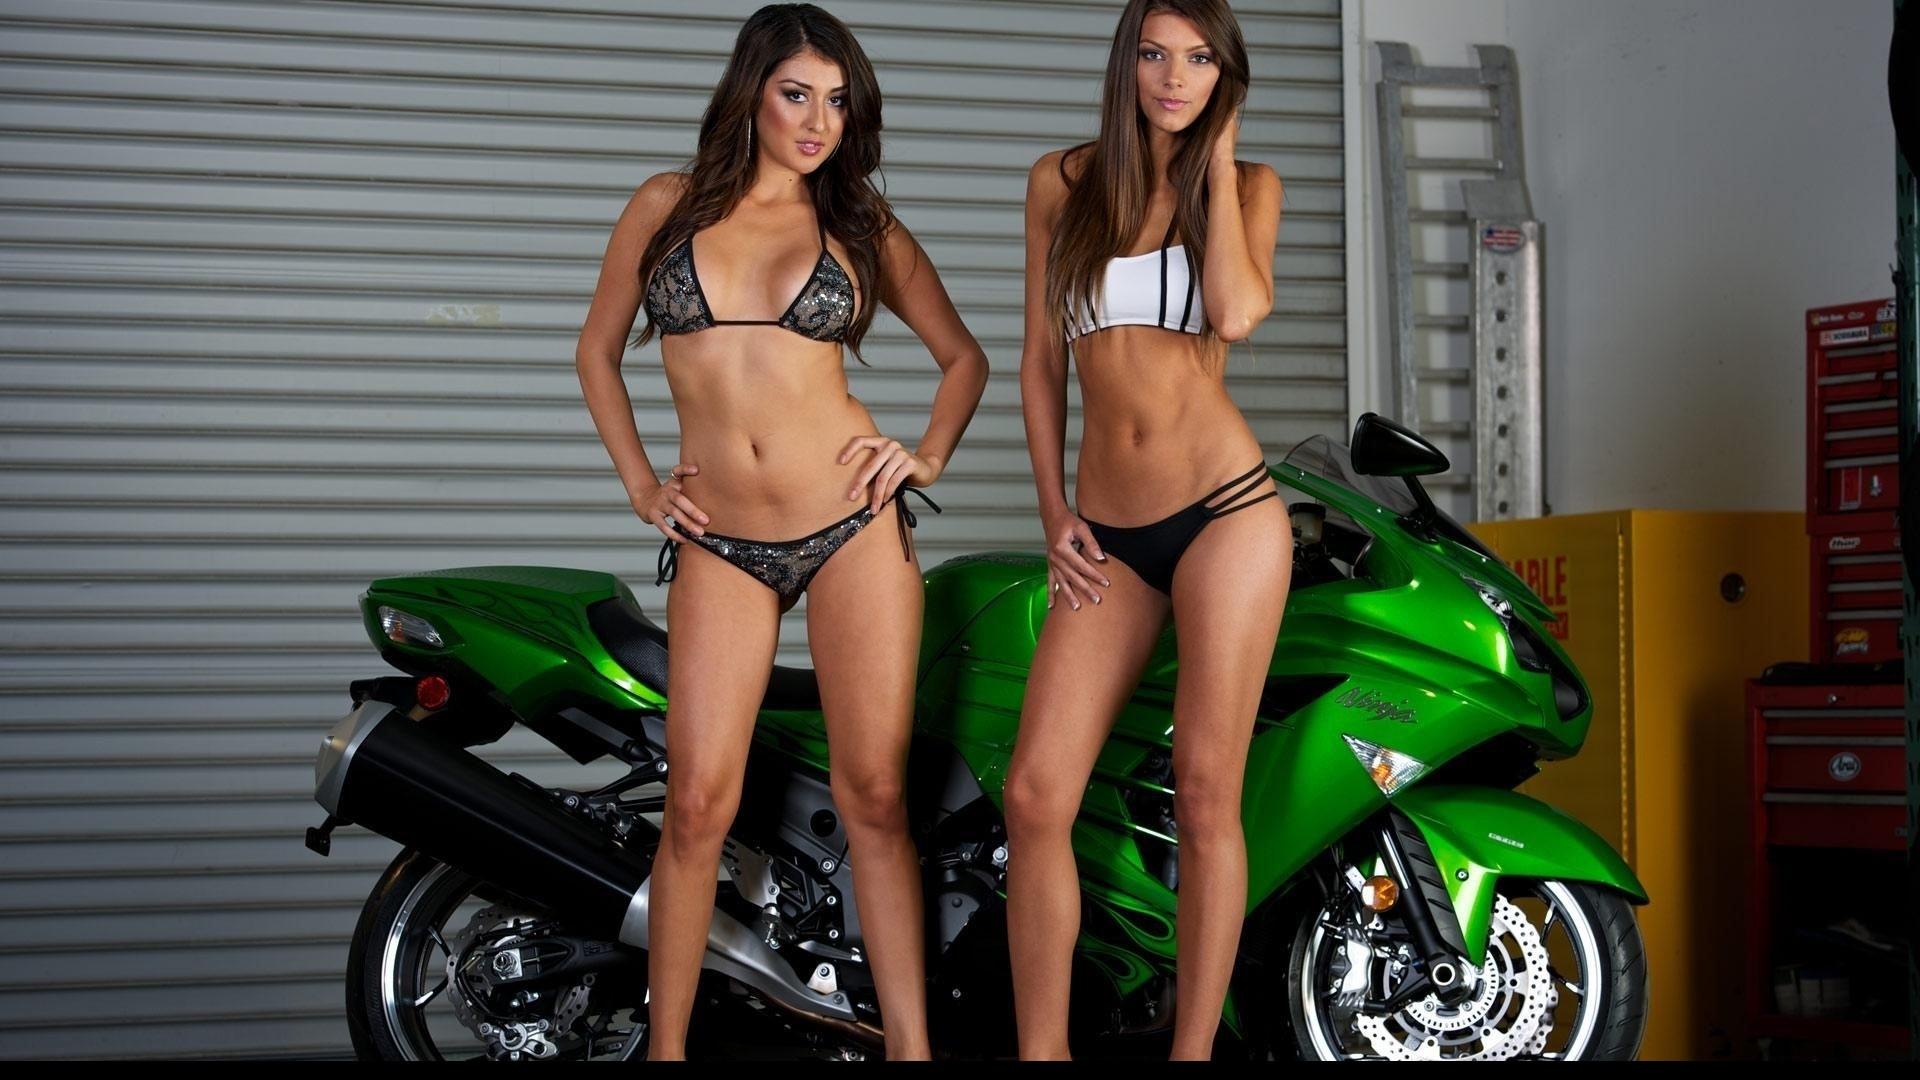 Naked Girl Street Bike